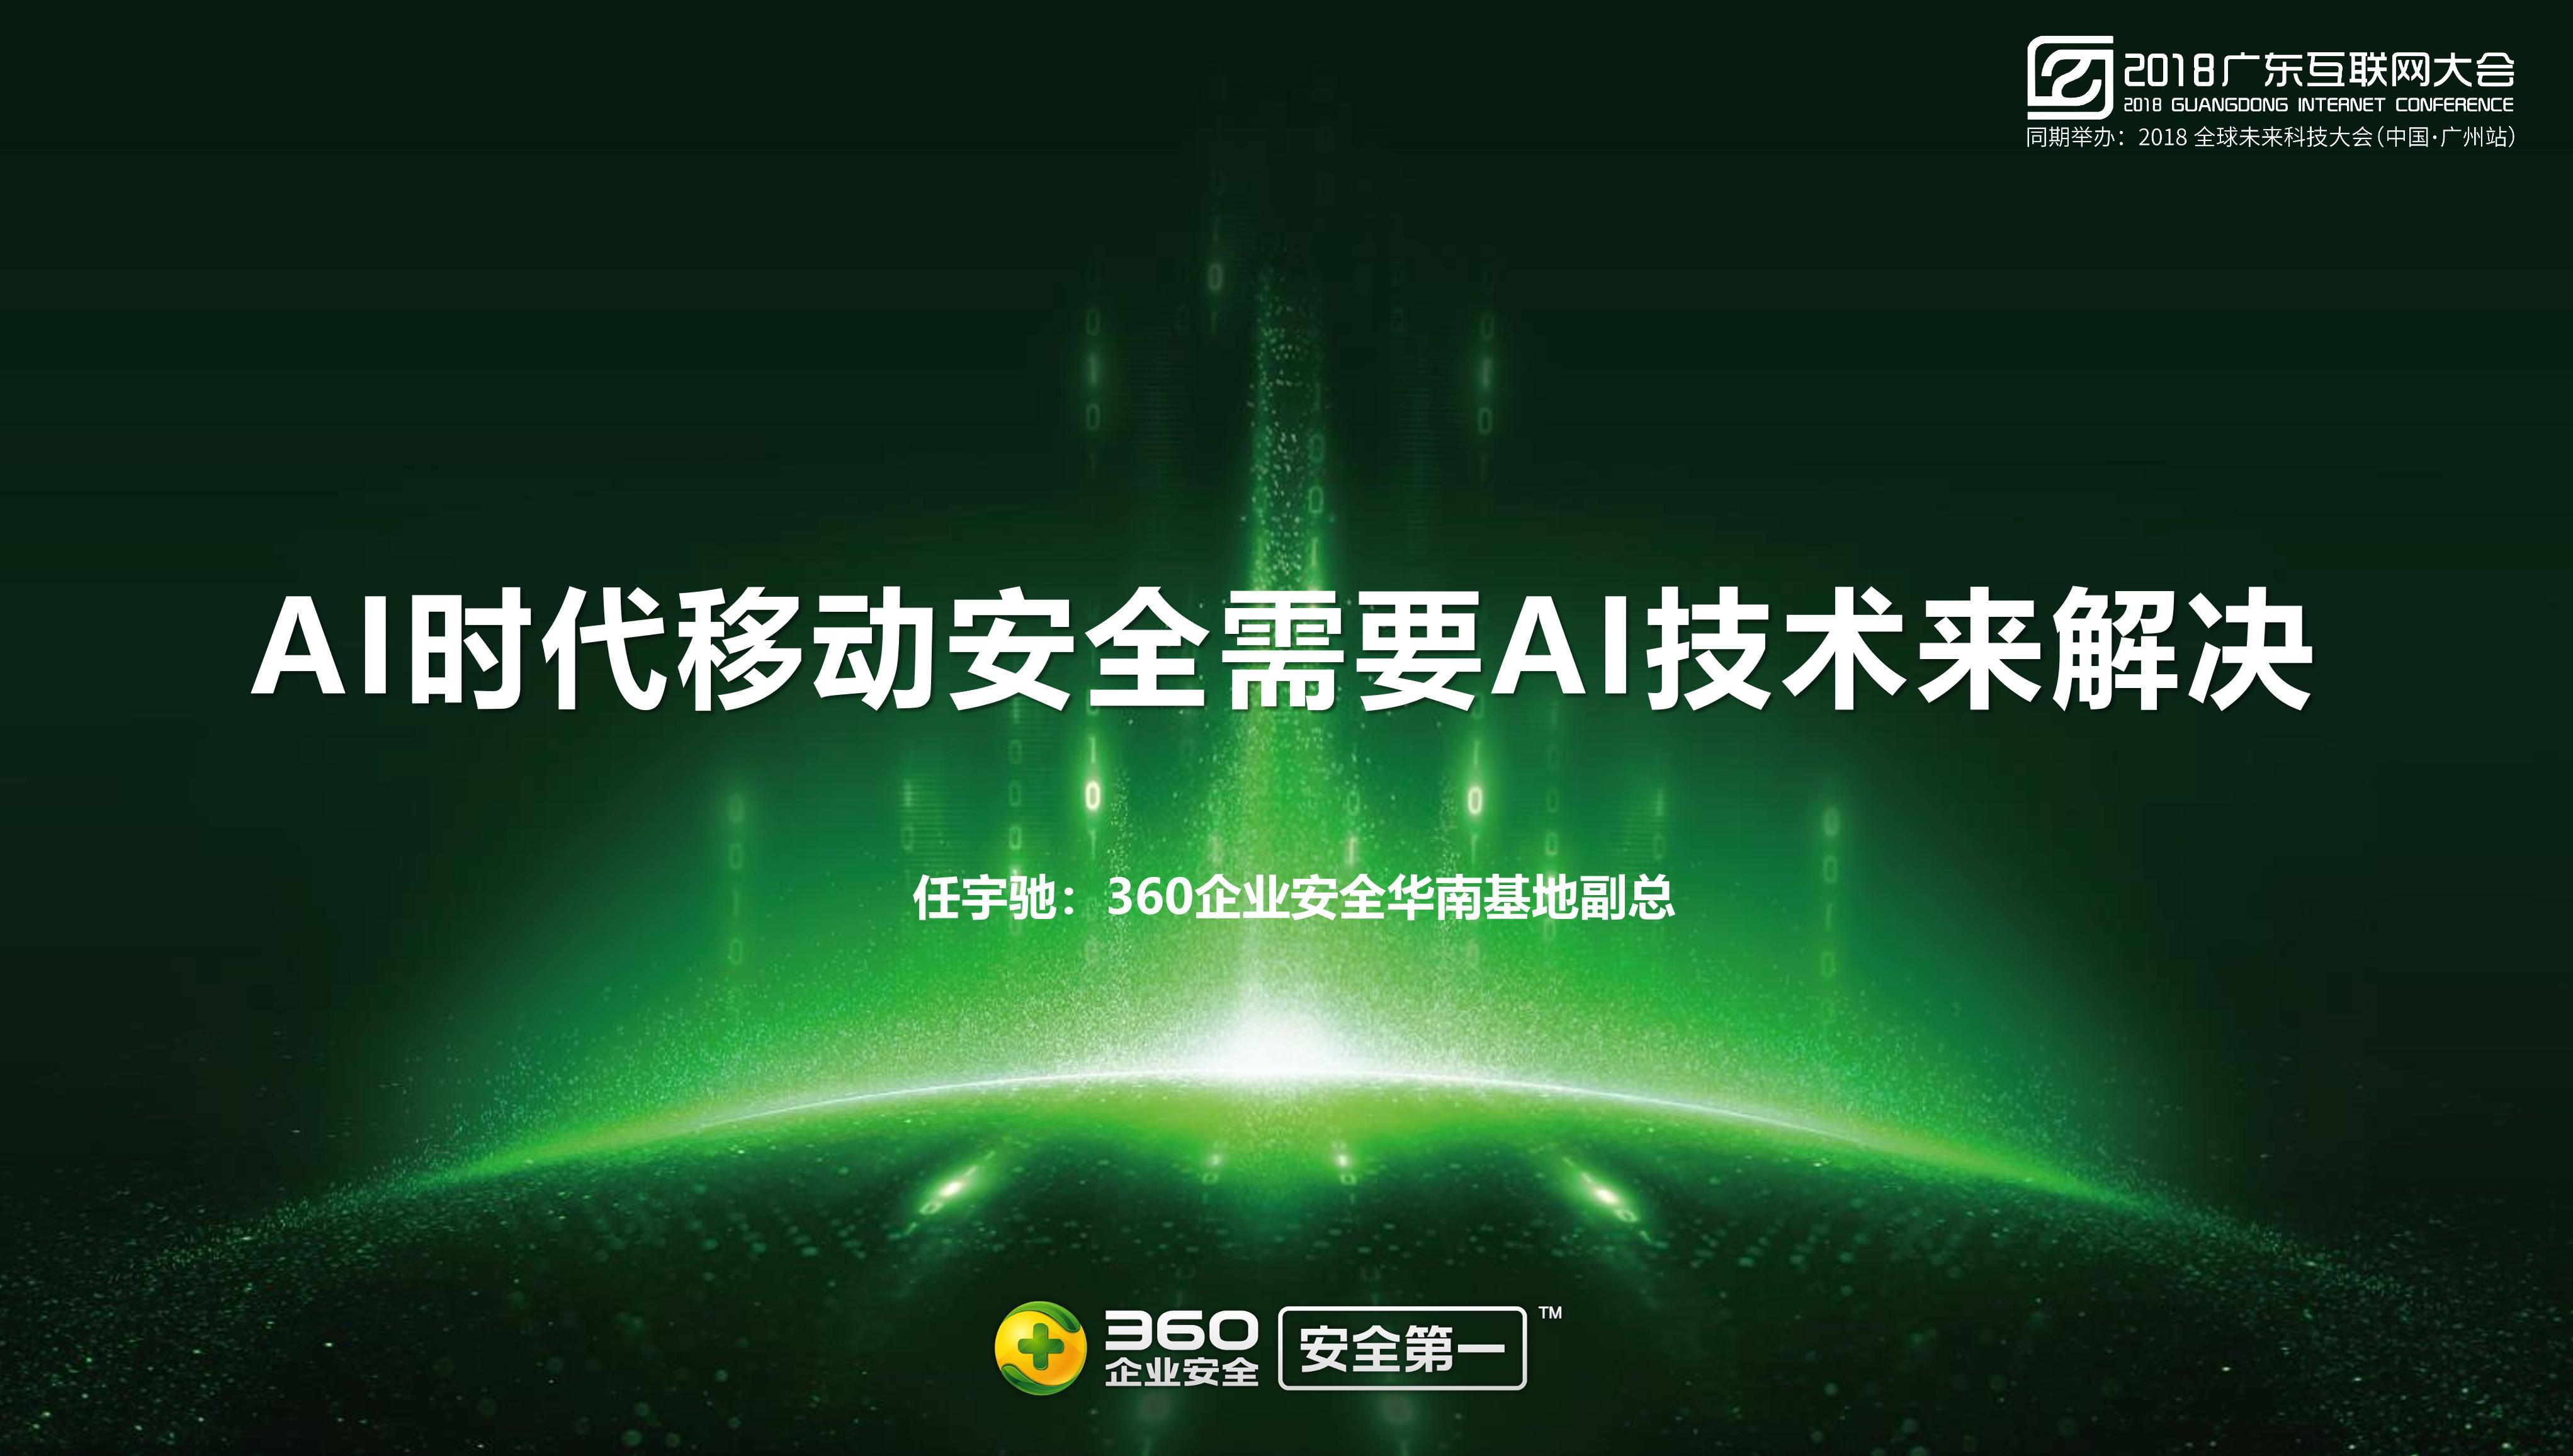 2018广东互联网大会演讲PPT|AI时代移动安全需要依靠AI技术来解决|360企业安全